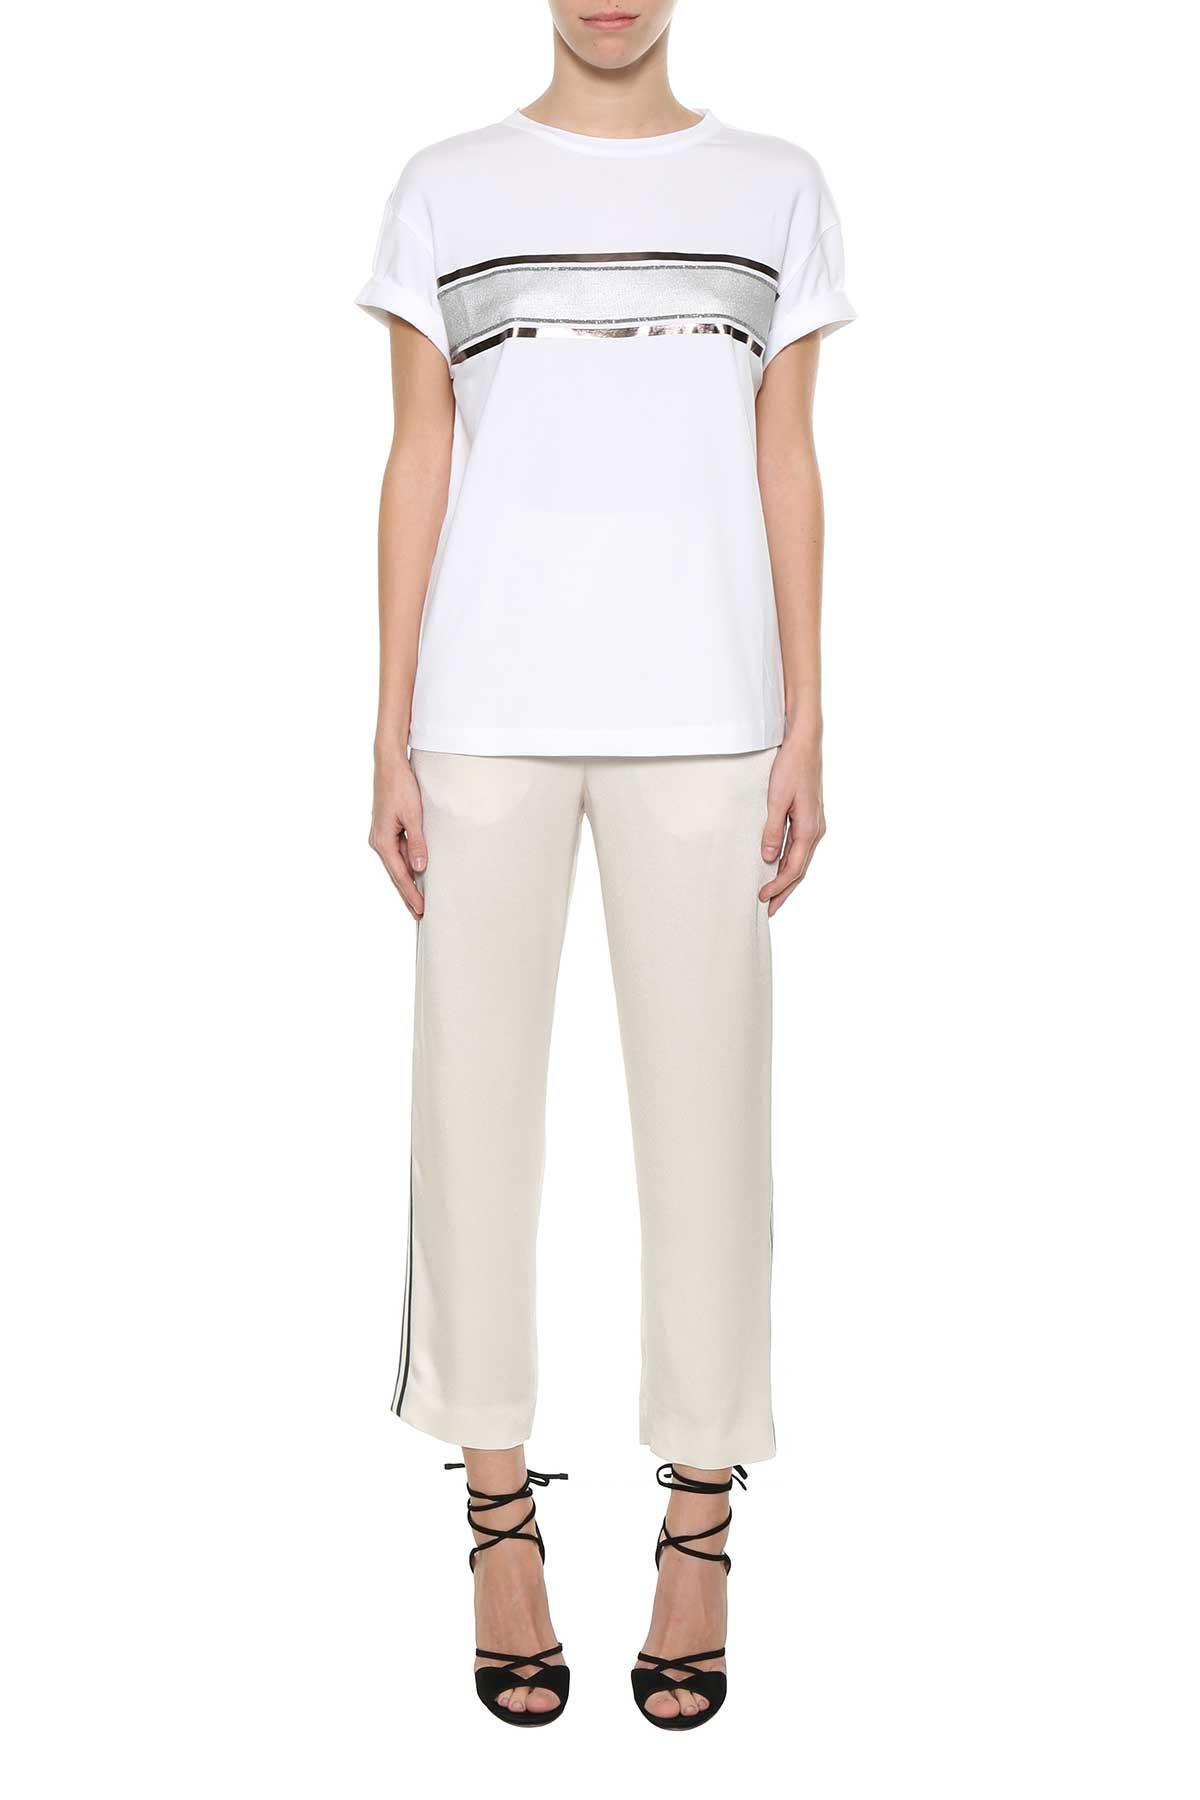 Pantalon Avec Des Bandes Latérales Brunello Cucinelli fQxs427kW